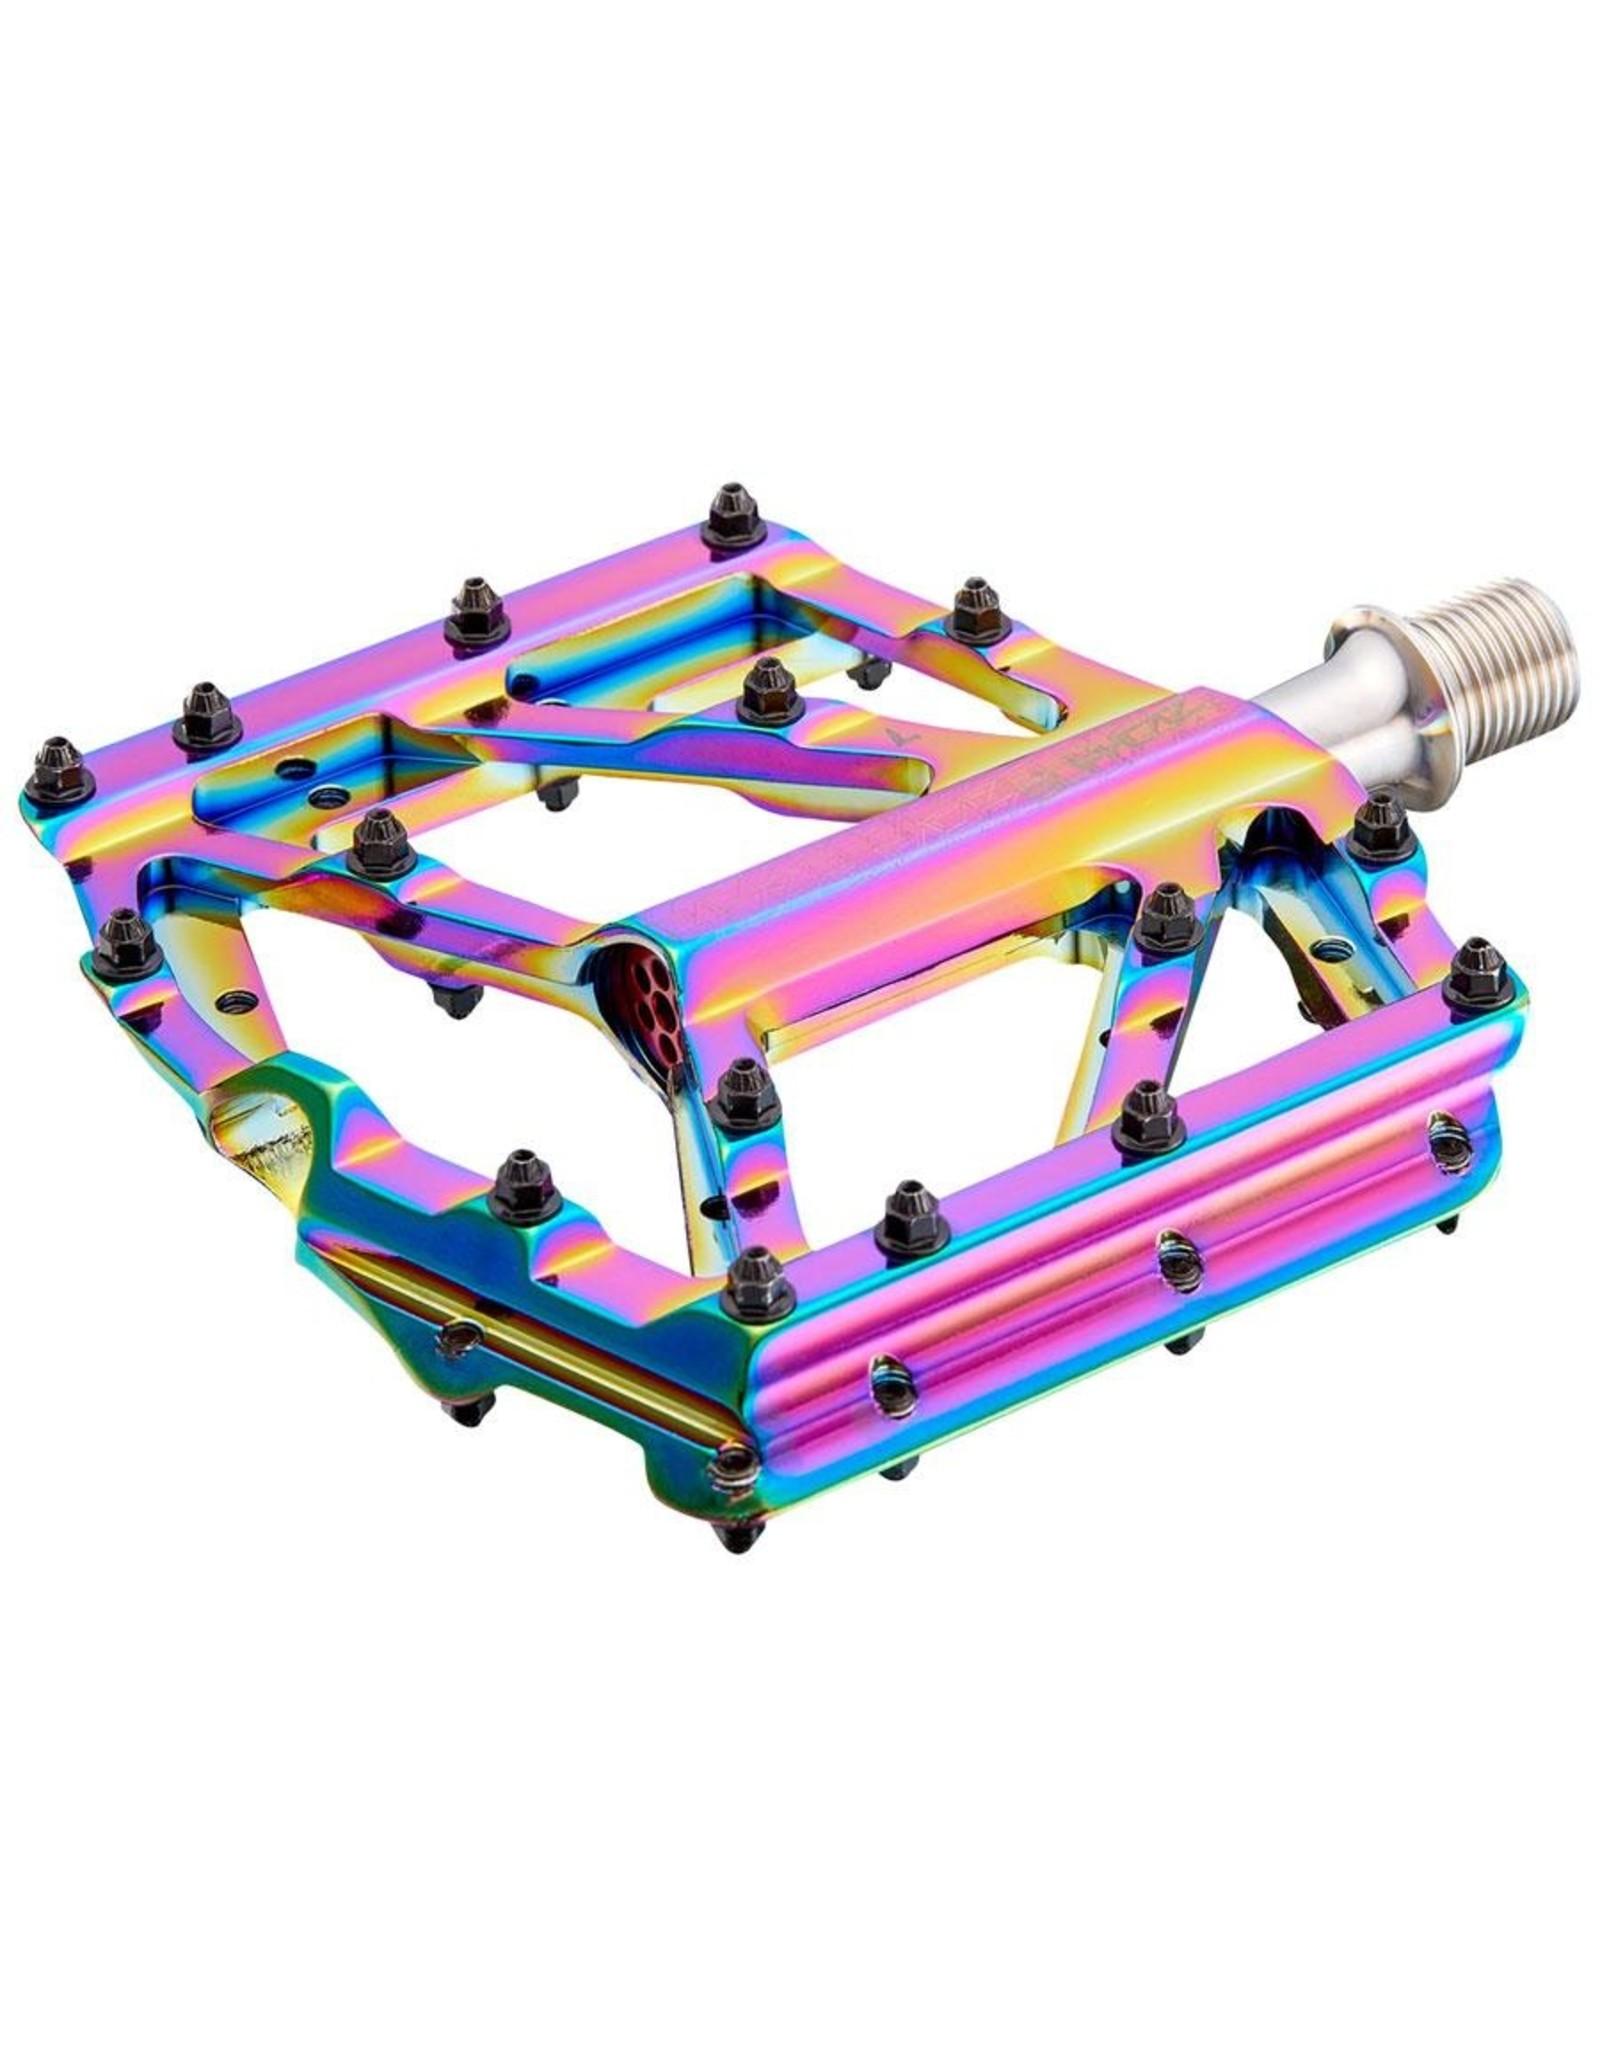 Supacaz Supacaz Orbitron DH Flat Pedals: CNC Alloy, Oil Slick